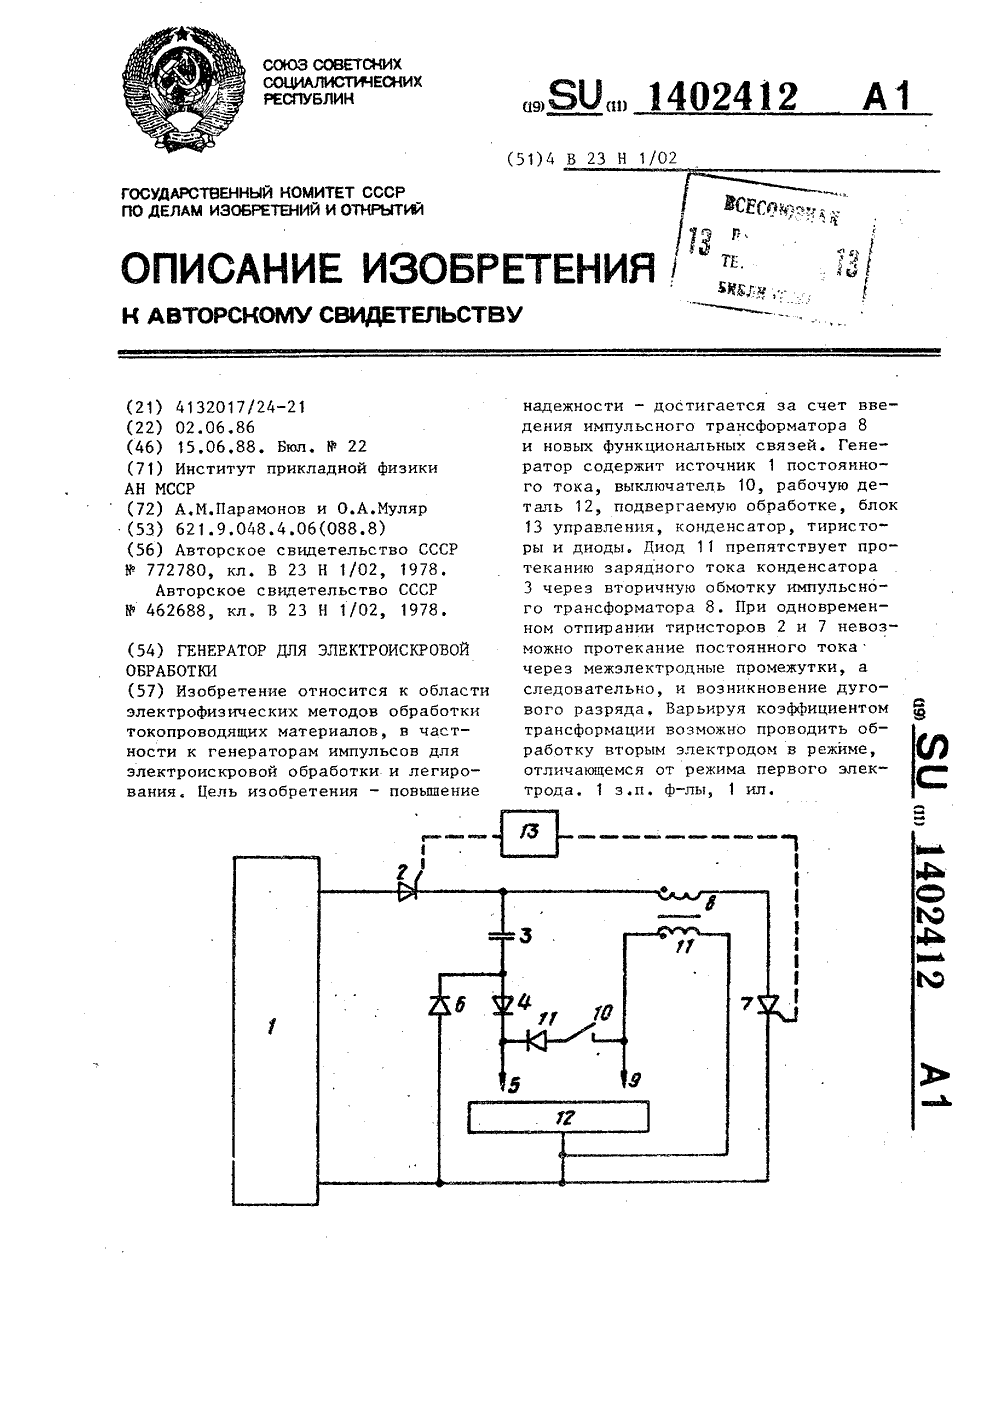 генератор униполярных импульсов схема